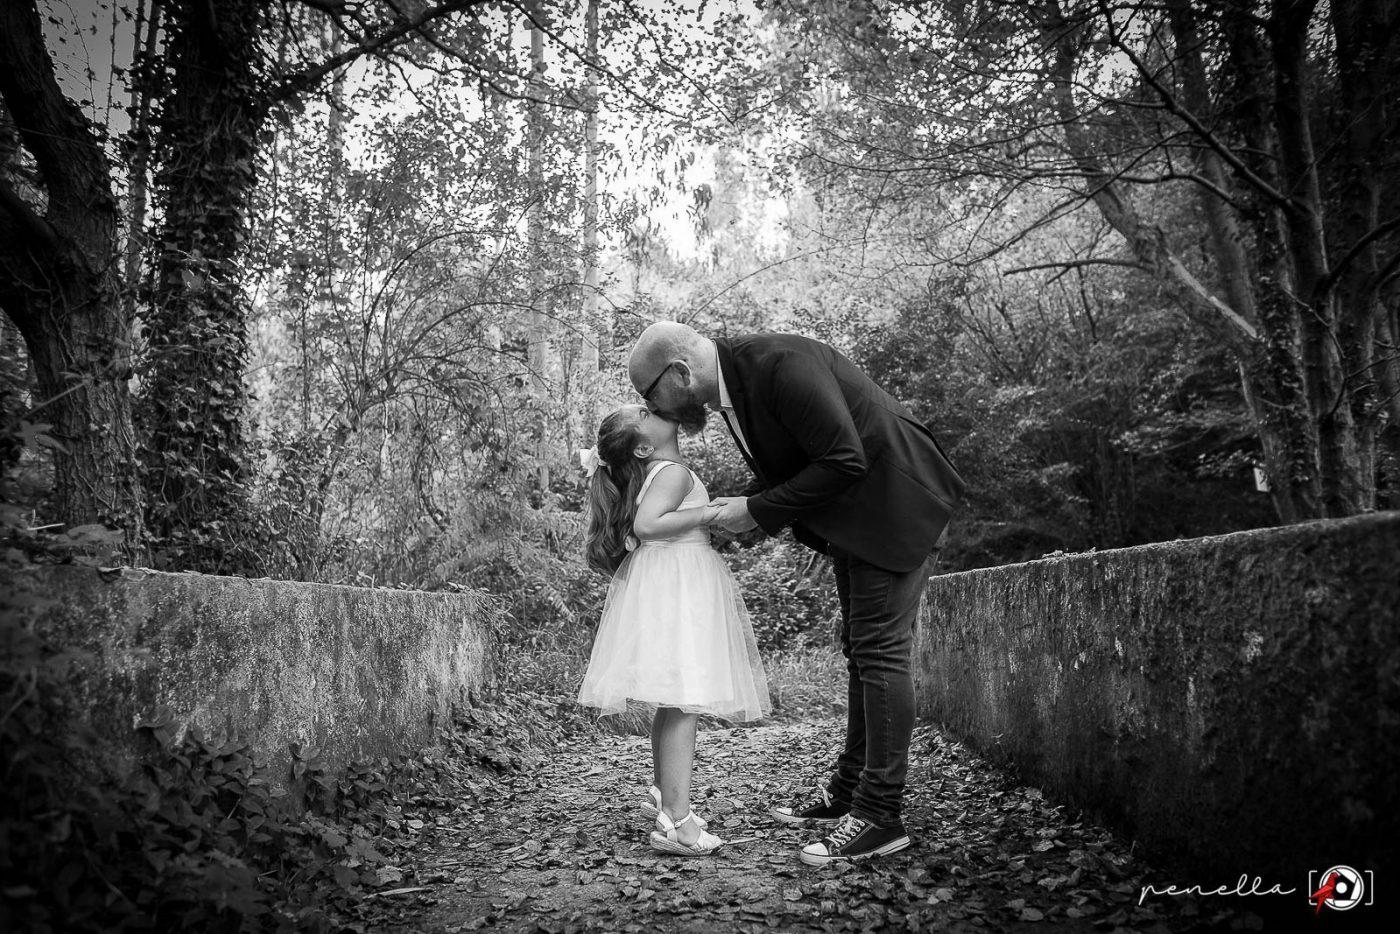 Fotografía de familia y reportaje familiar de padres con hijos en Asturias del fotógrafo Penella, fotografía en blanco y negro